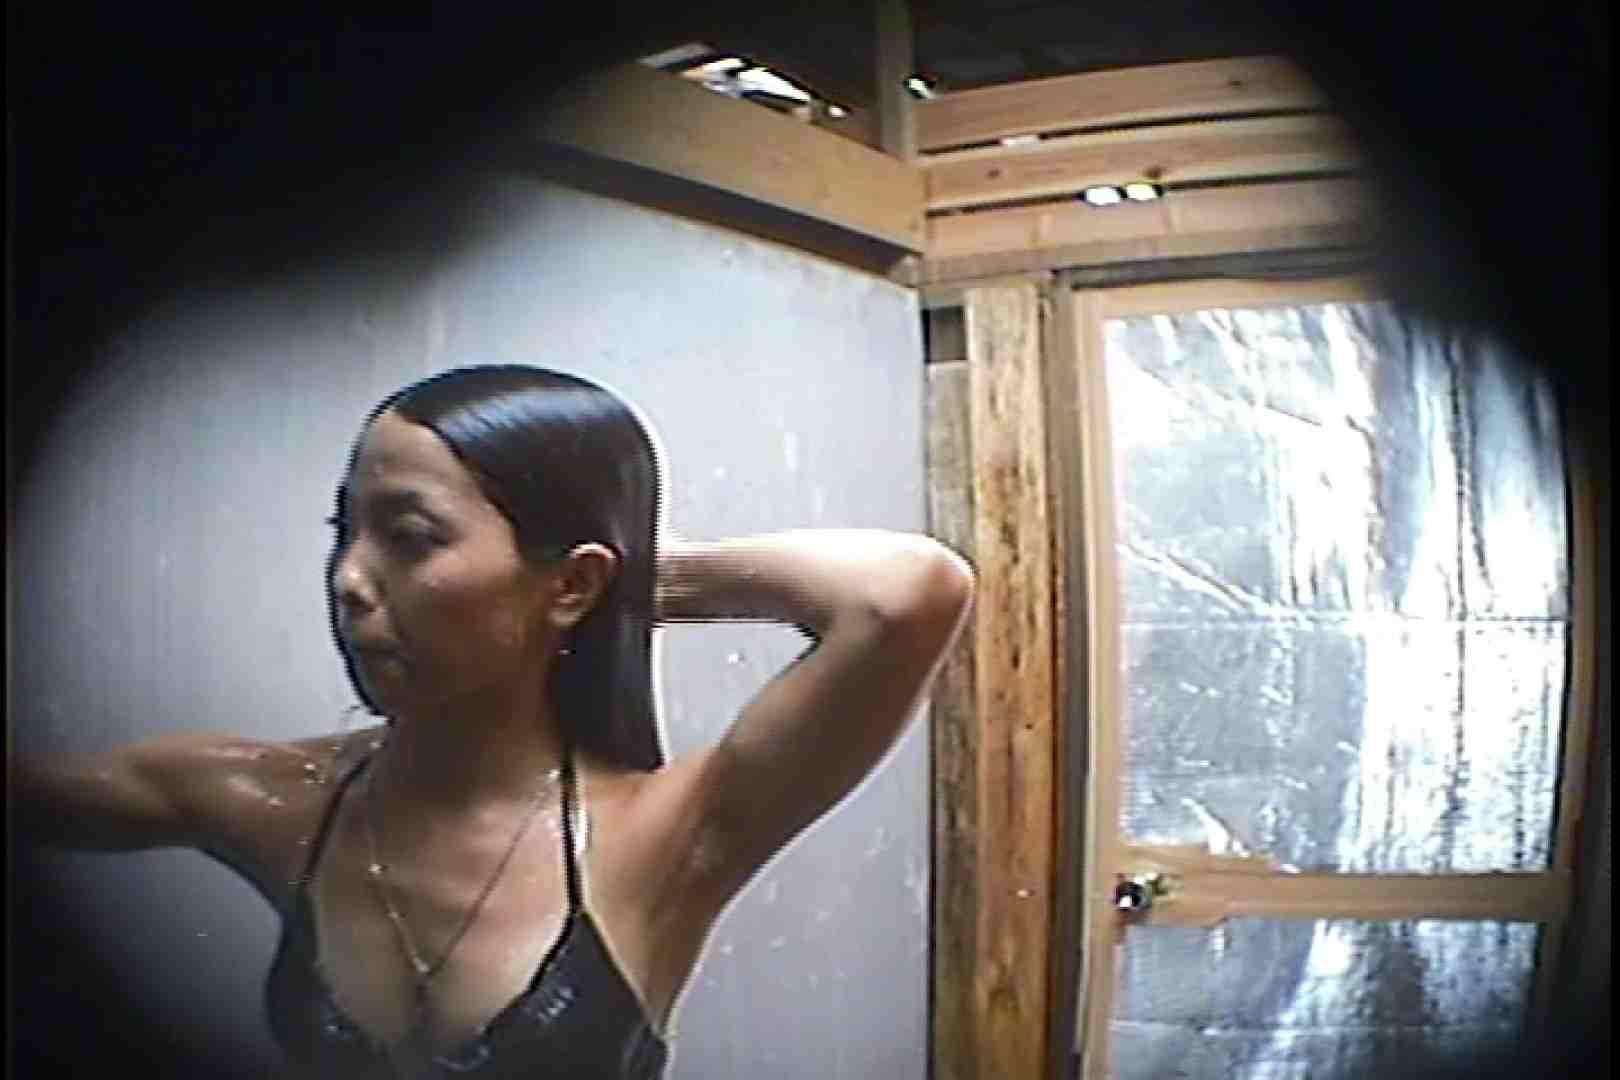 海の家の更衣室 Vol.45 シャワー中 | 美女達のヌード  64連発 49